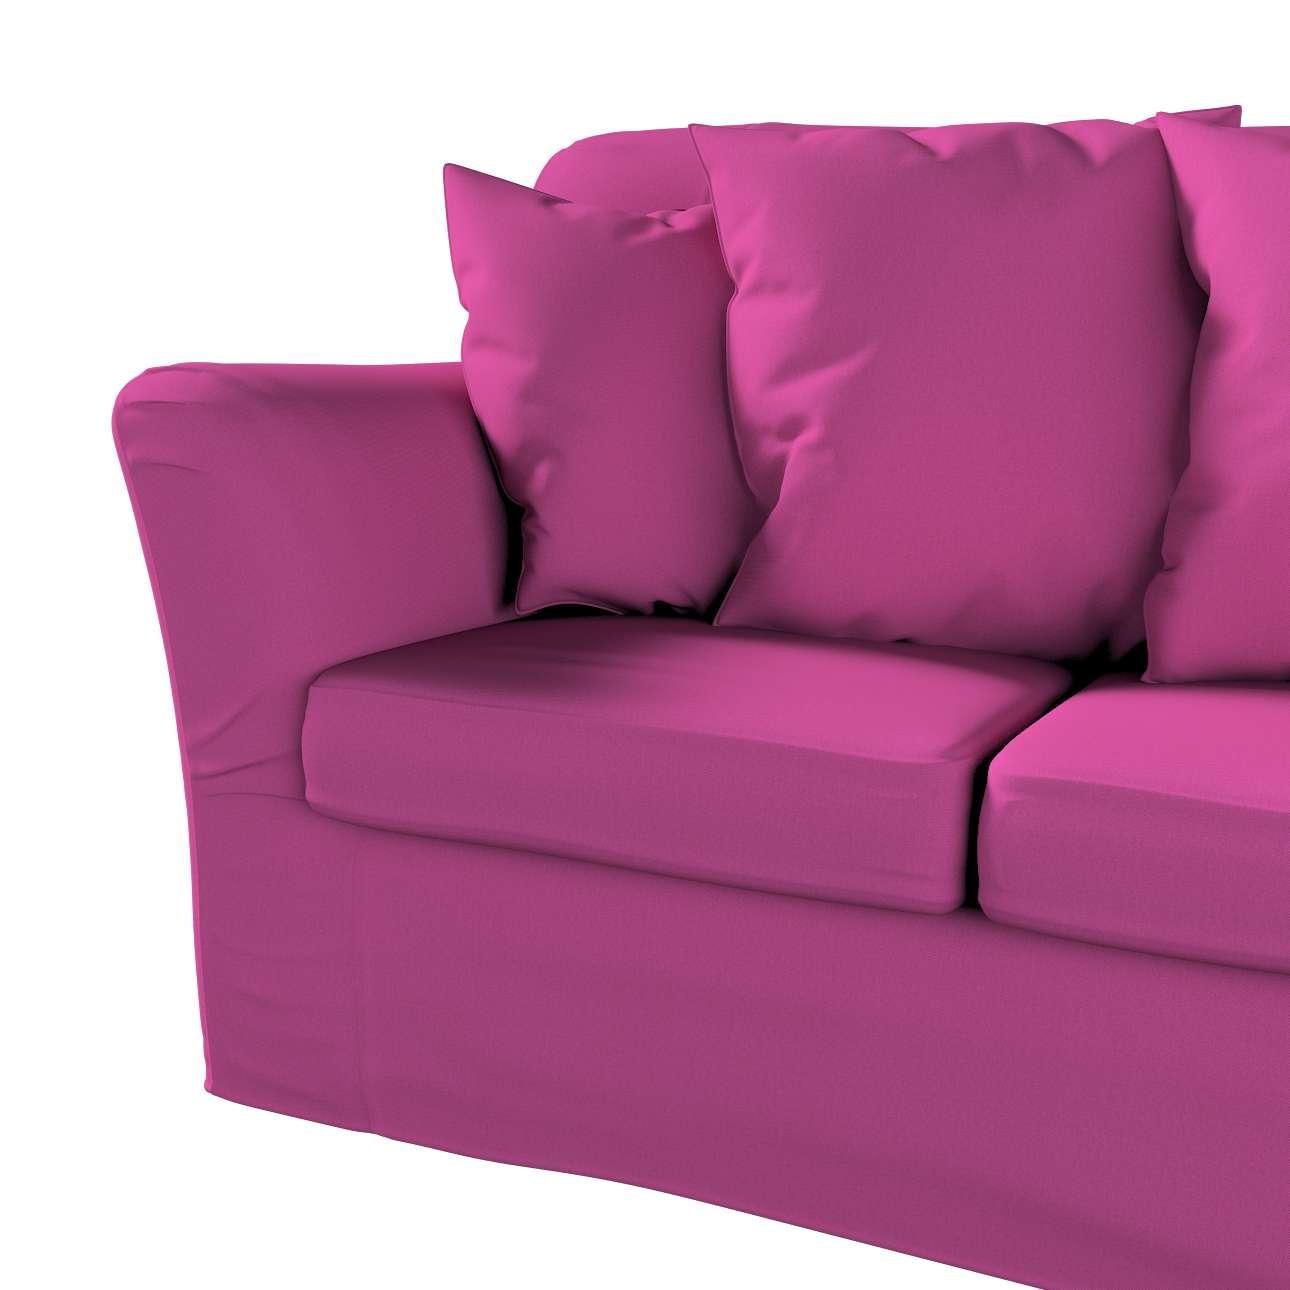 Pokrowiec na sofę Tomelilla 3-osobową nierozkładaną w kolekcji Etna, tkanina: 705-23